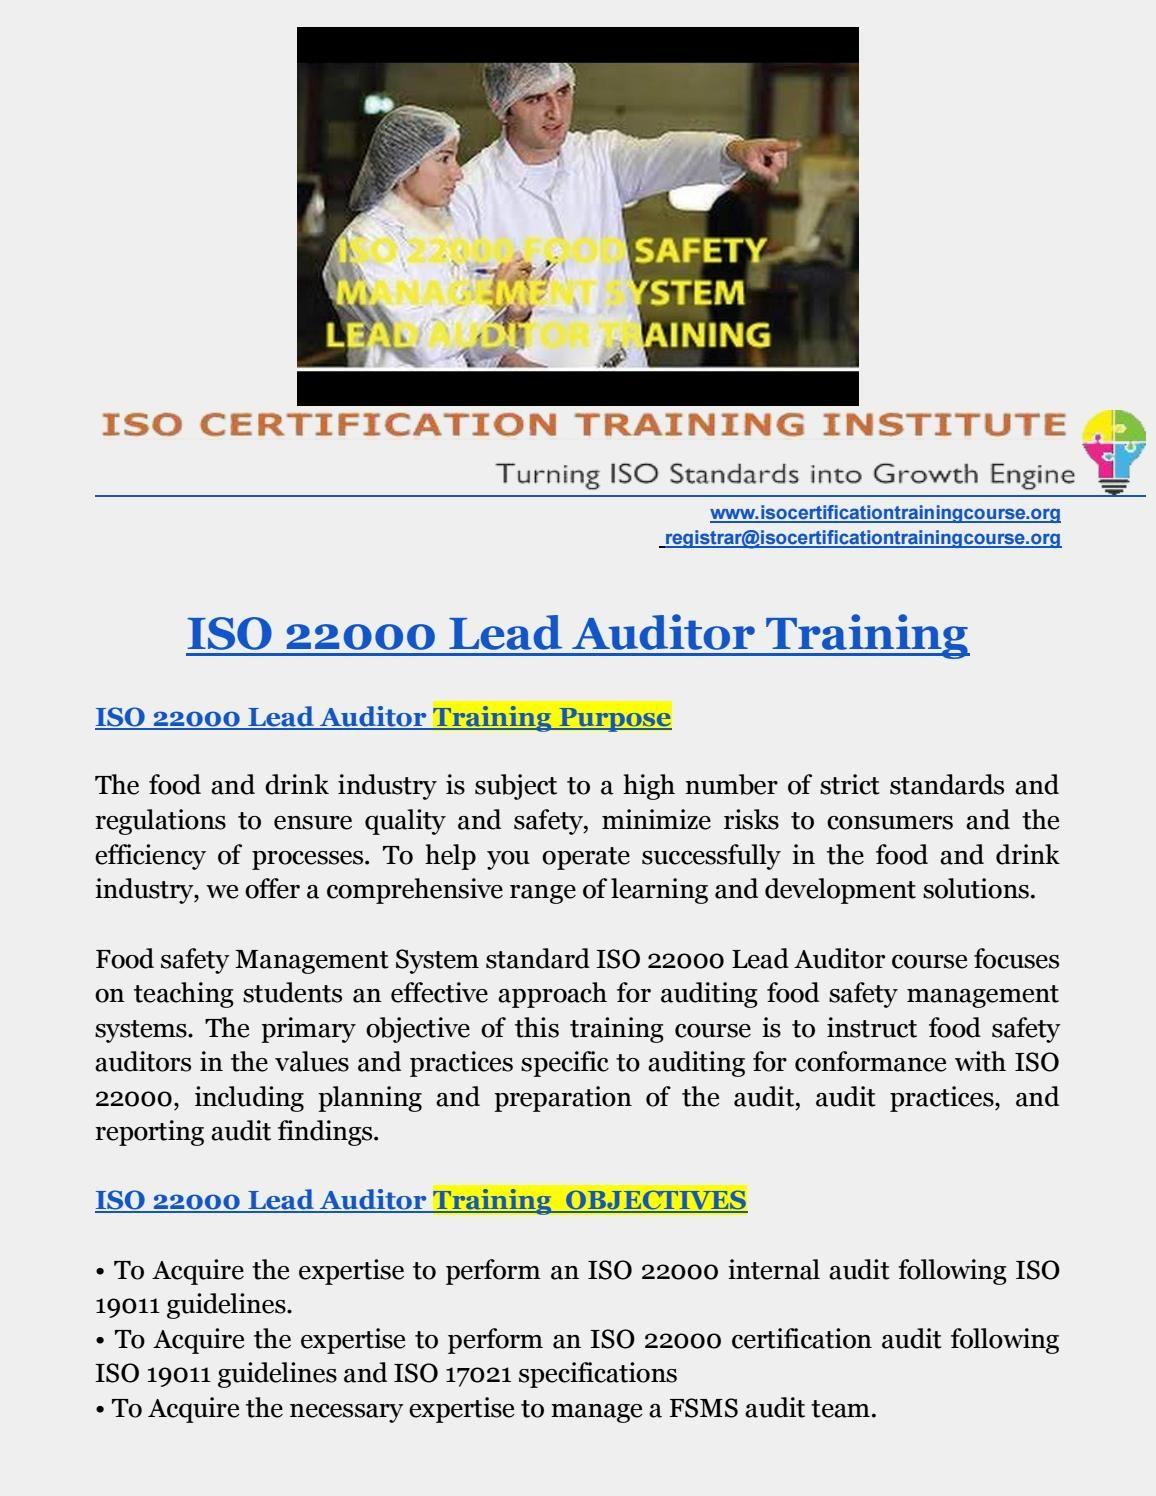 ISO 22000 training | iso training institute | Train